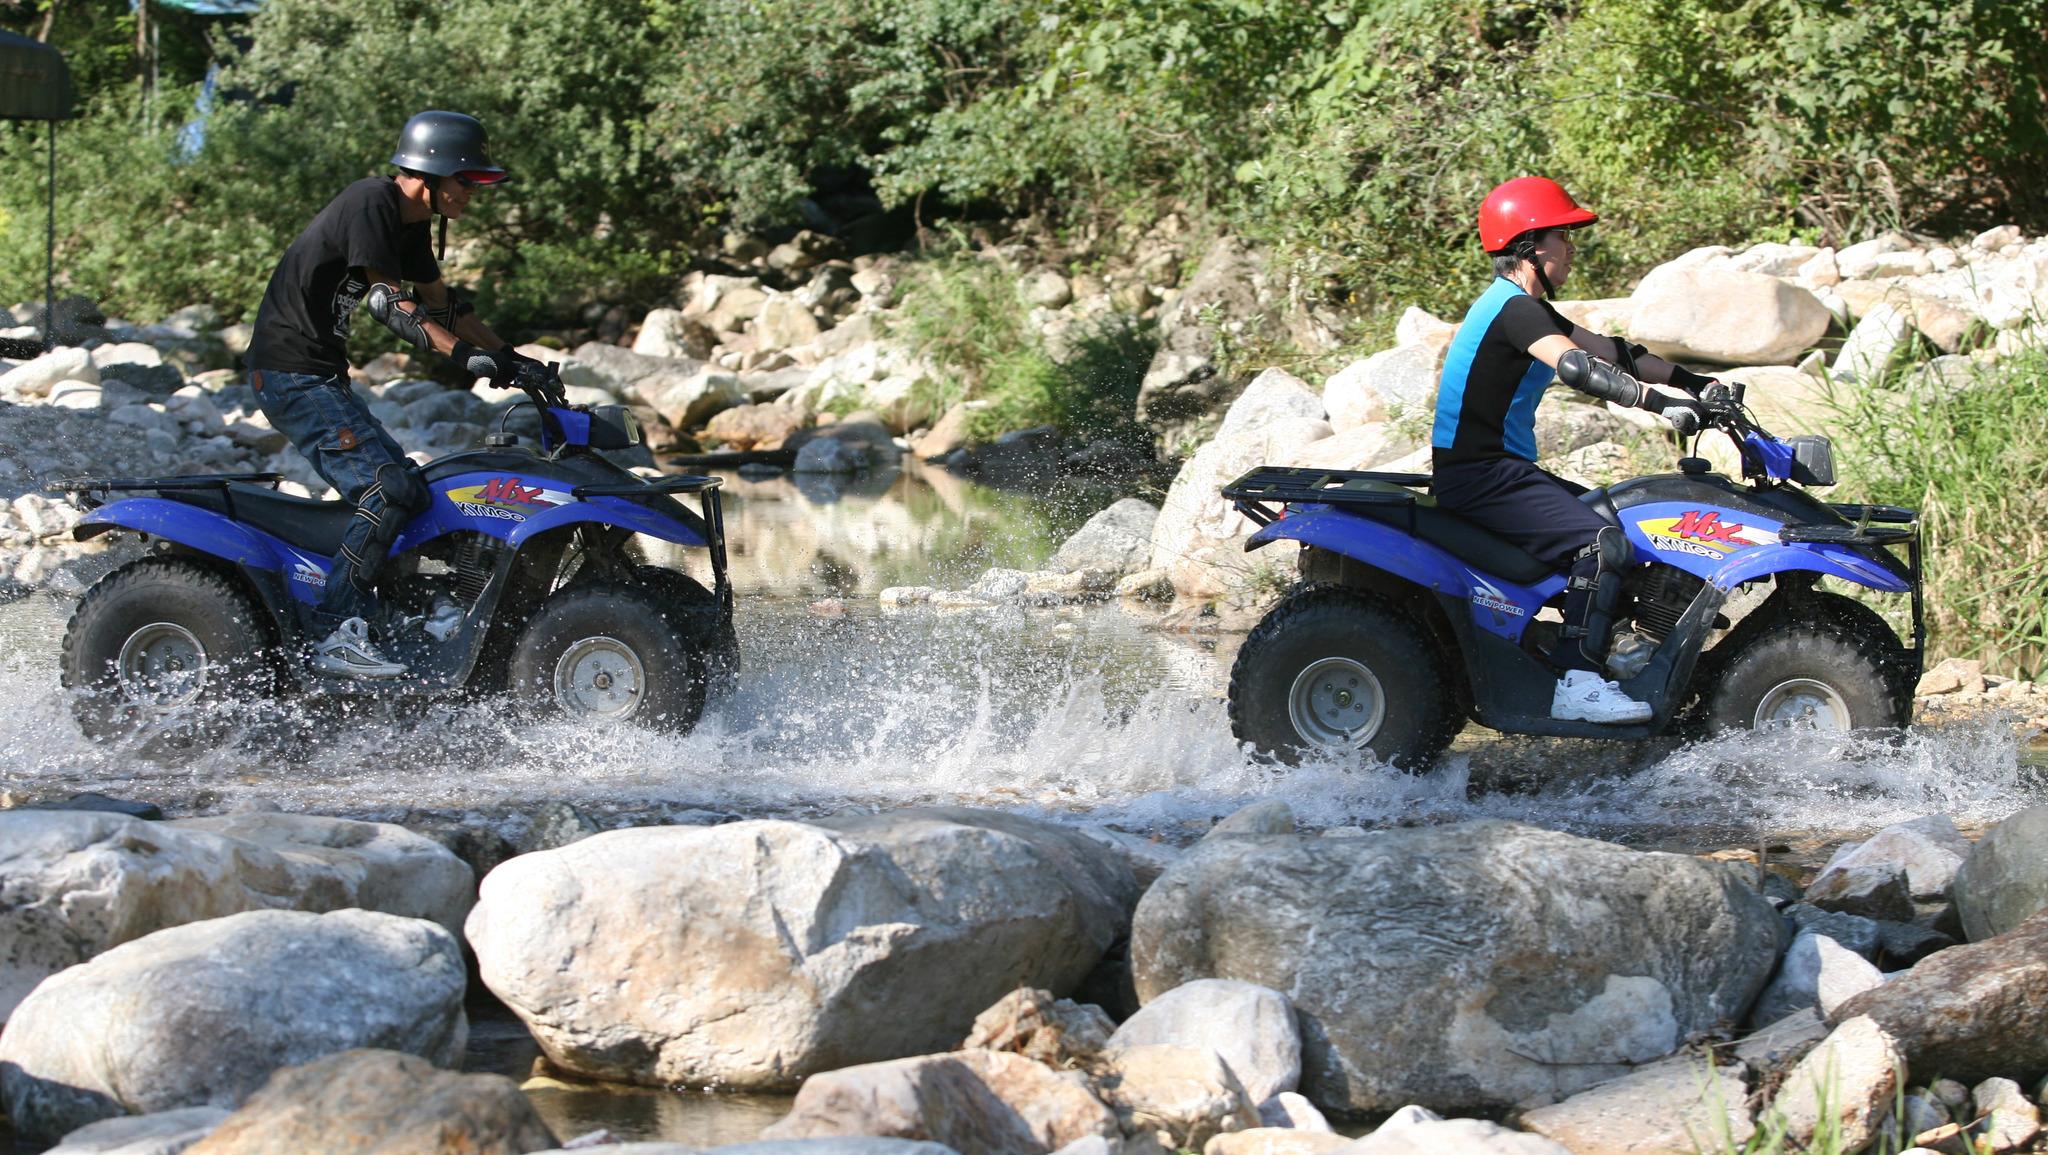 산에서 ATV 운전을 즐기는 모습. 해당 사진은 기사와 관련 없음. [중앙포토]